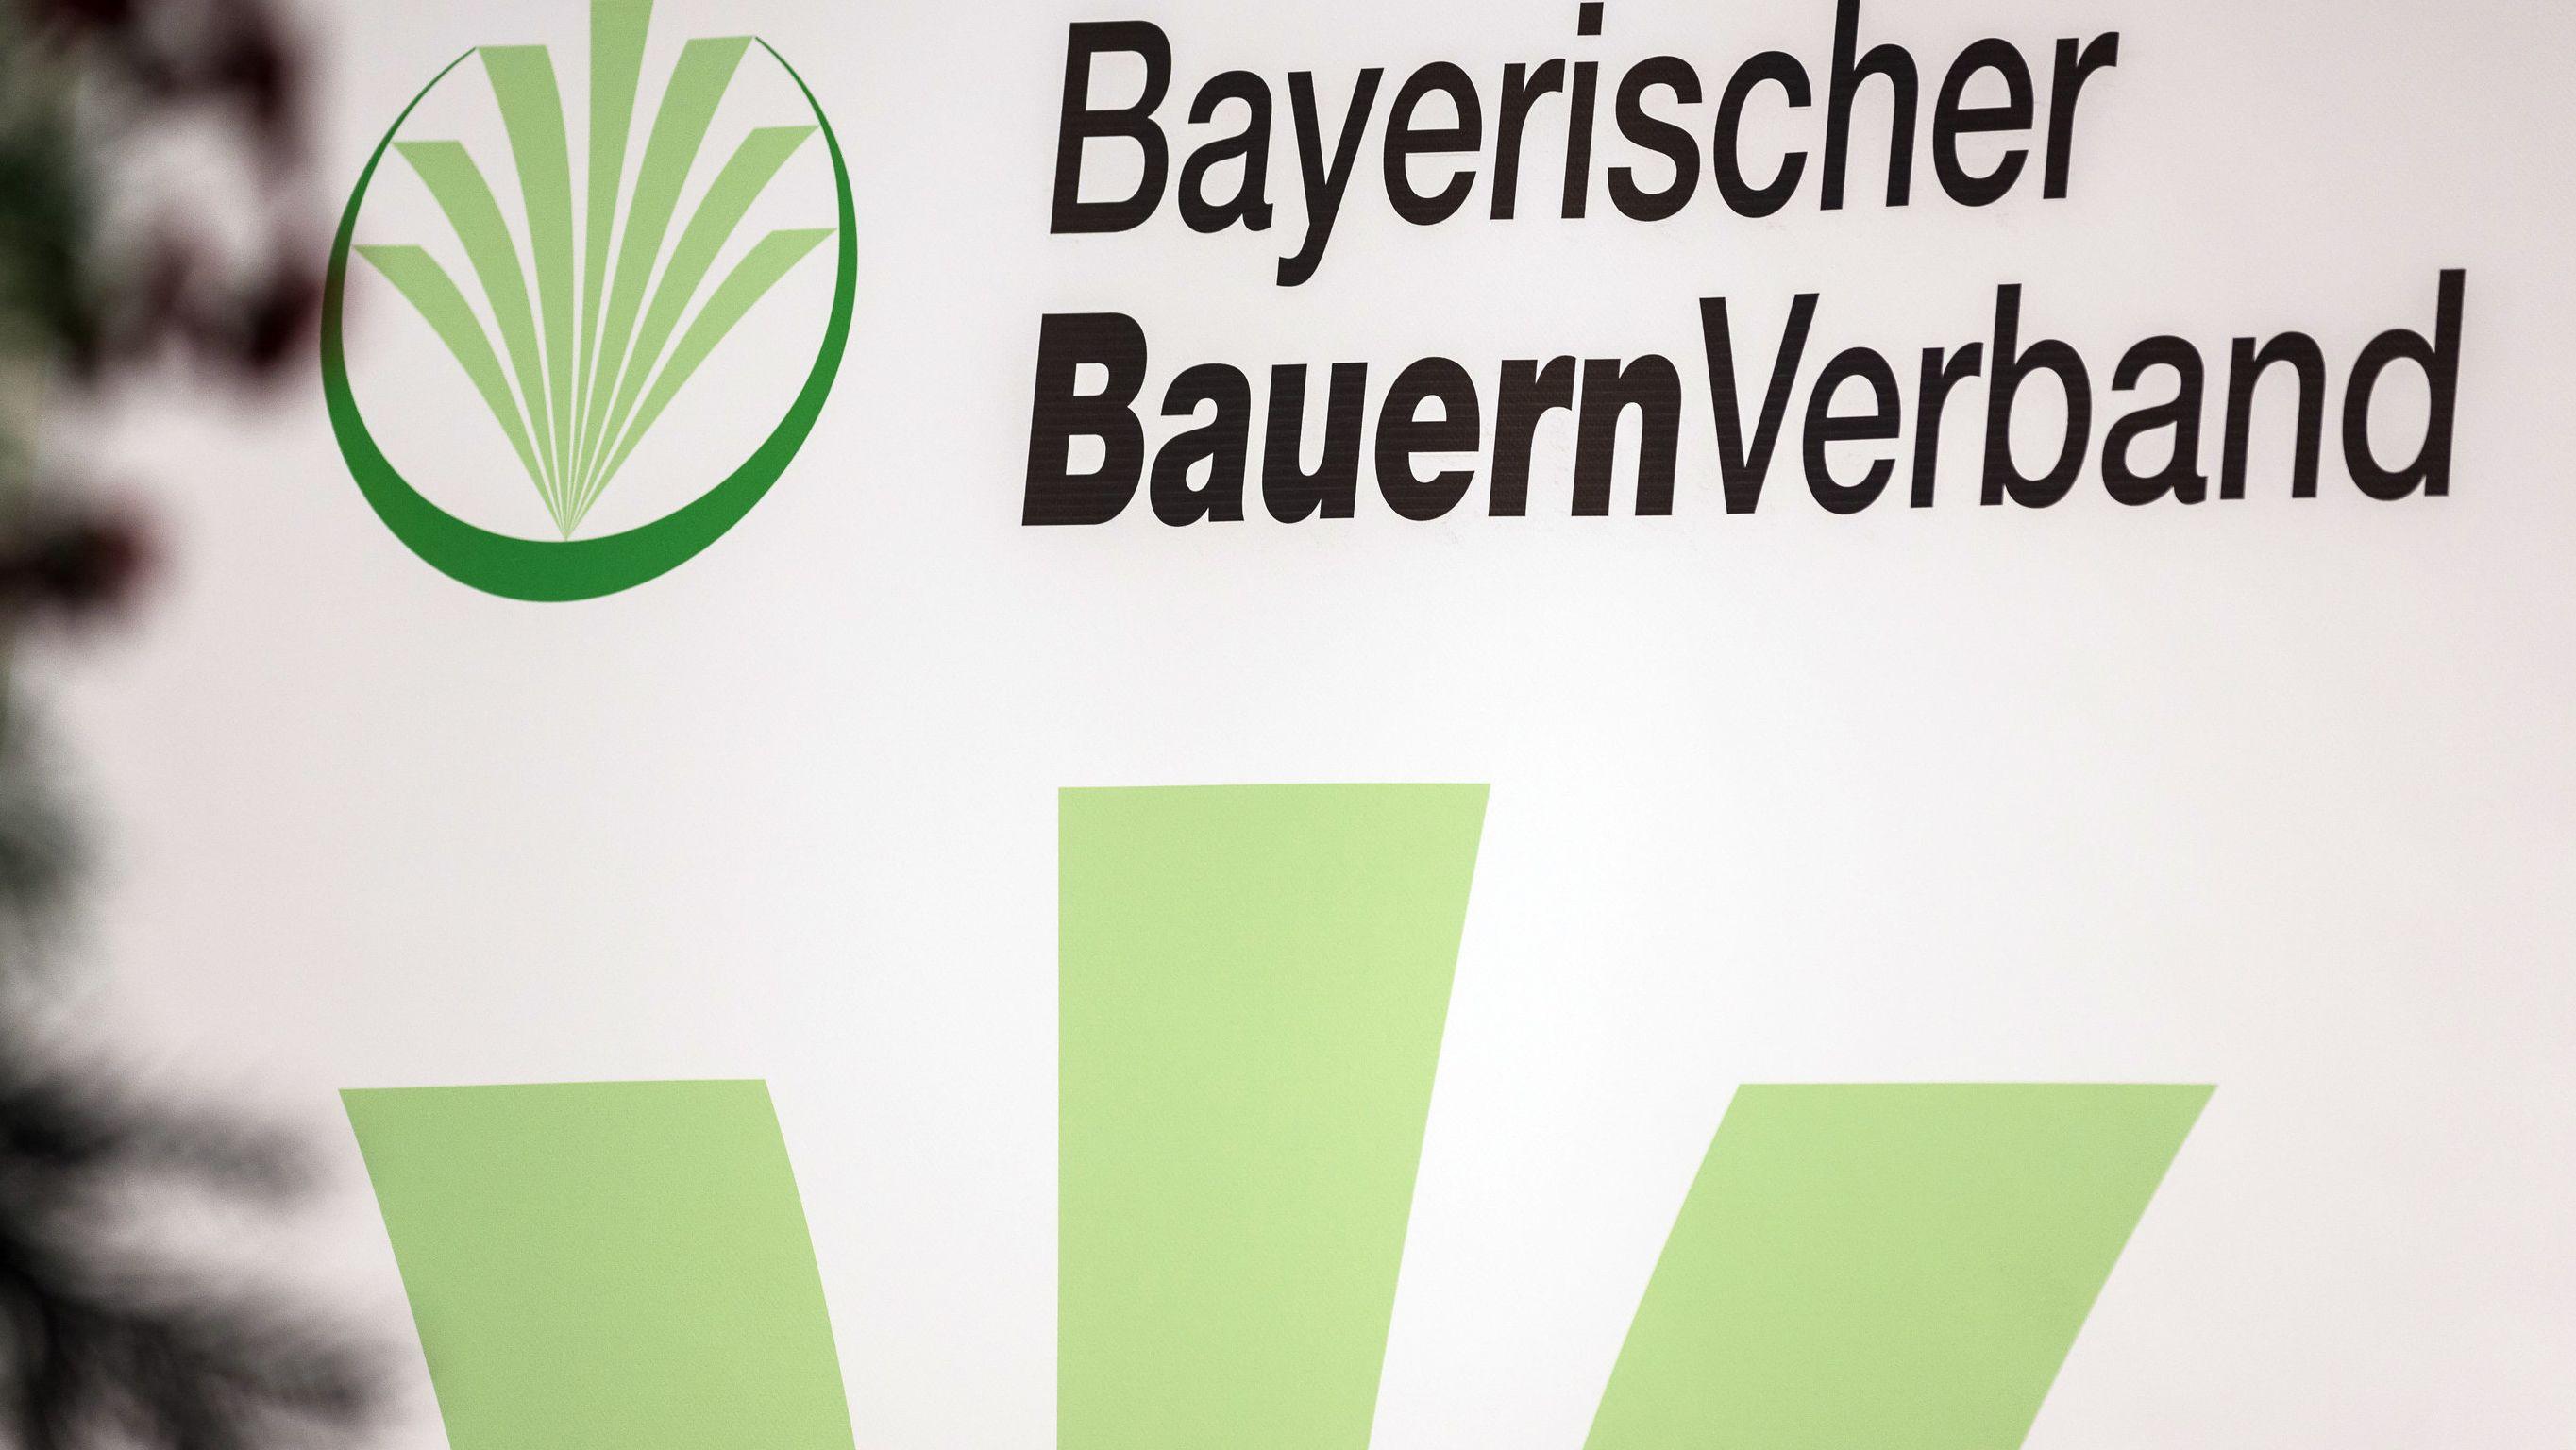 Logo des Bayerischen Bauernverbands